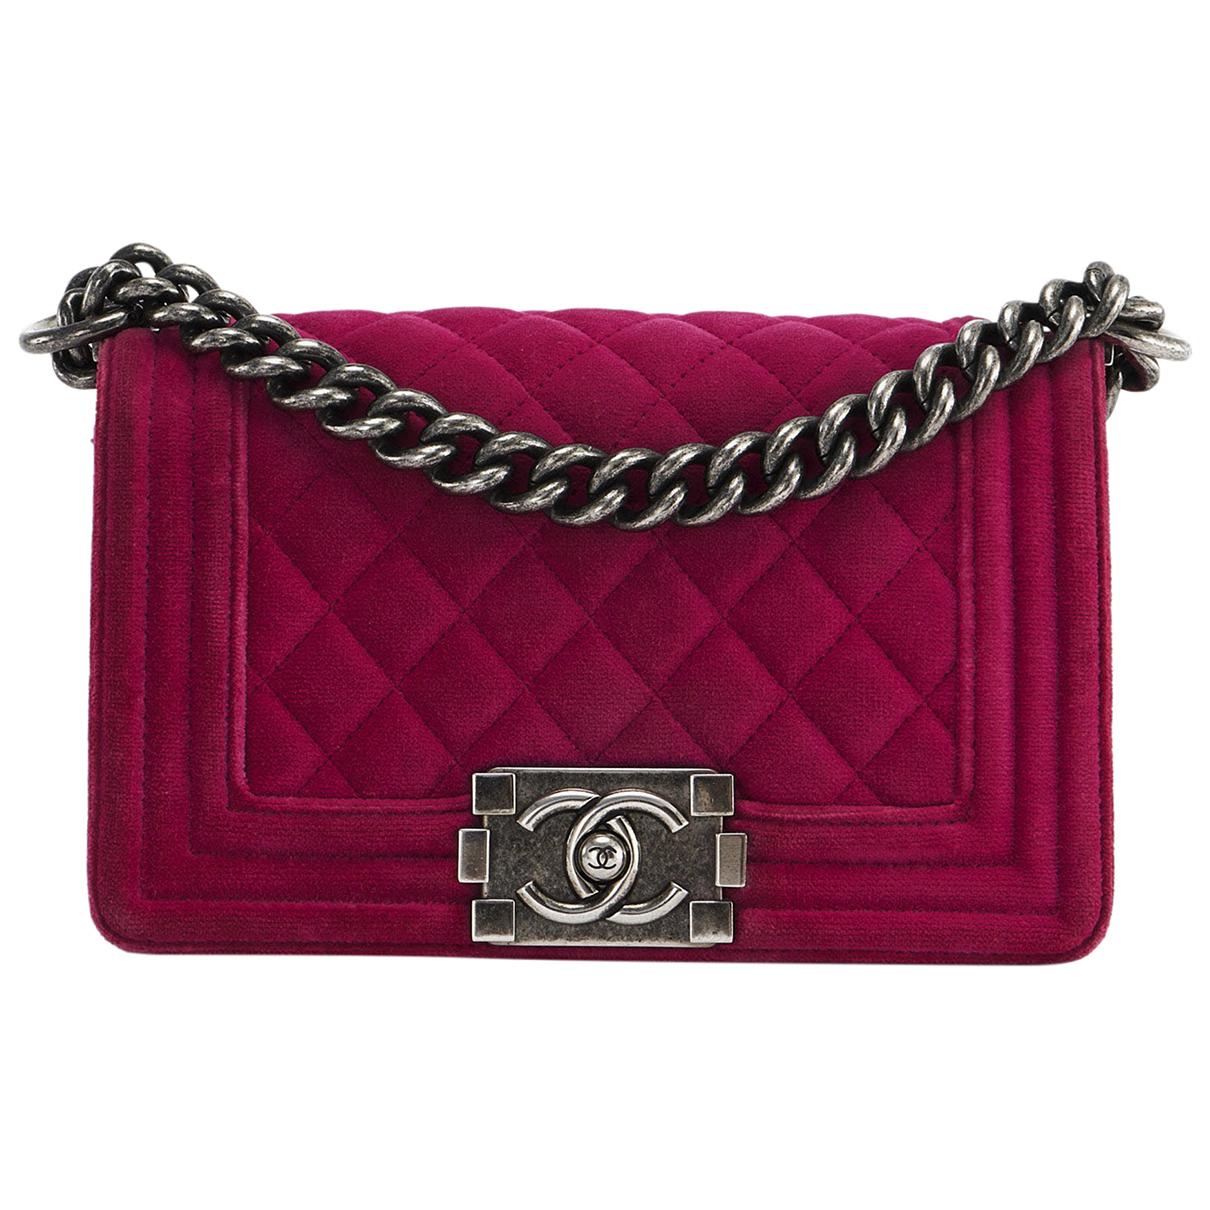 Chanel - Sac a main Boy pour femme en velours - rose